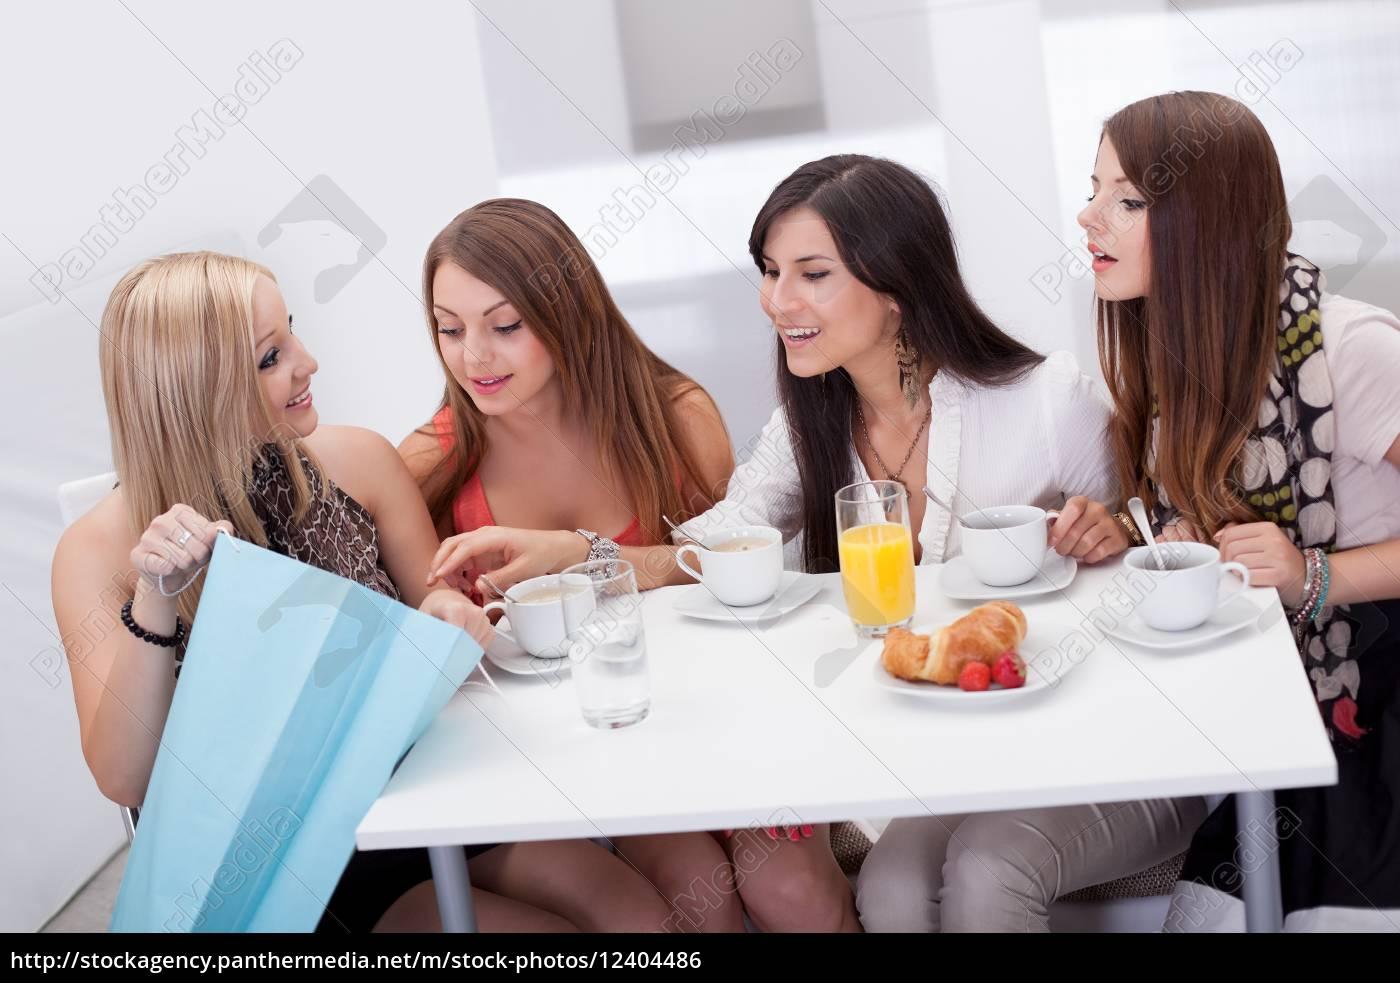 amigos, de, las, mujeres, que, buscan - 12404486